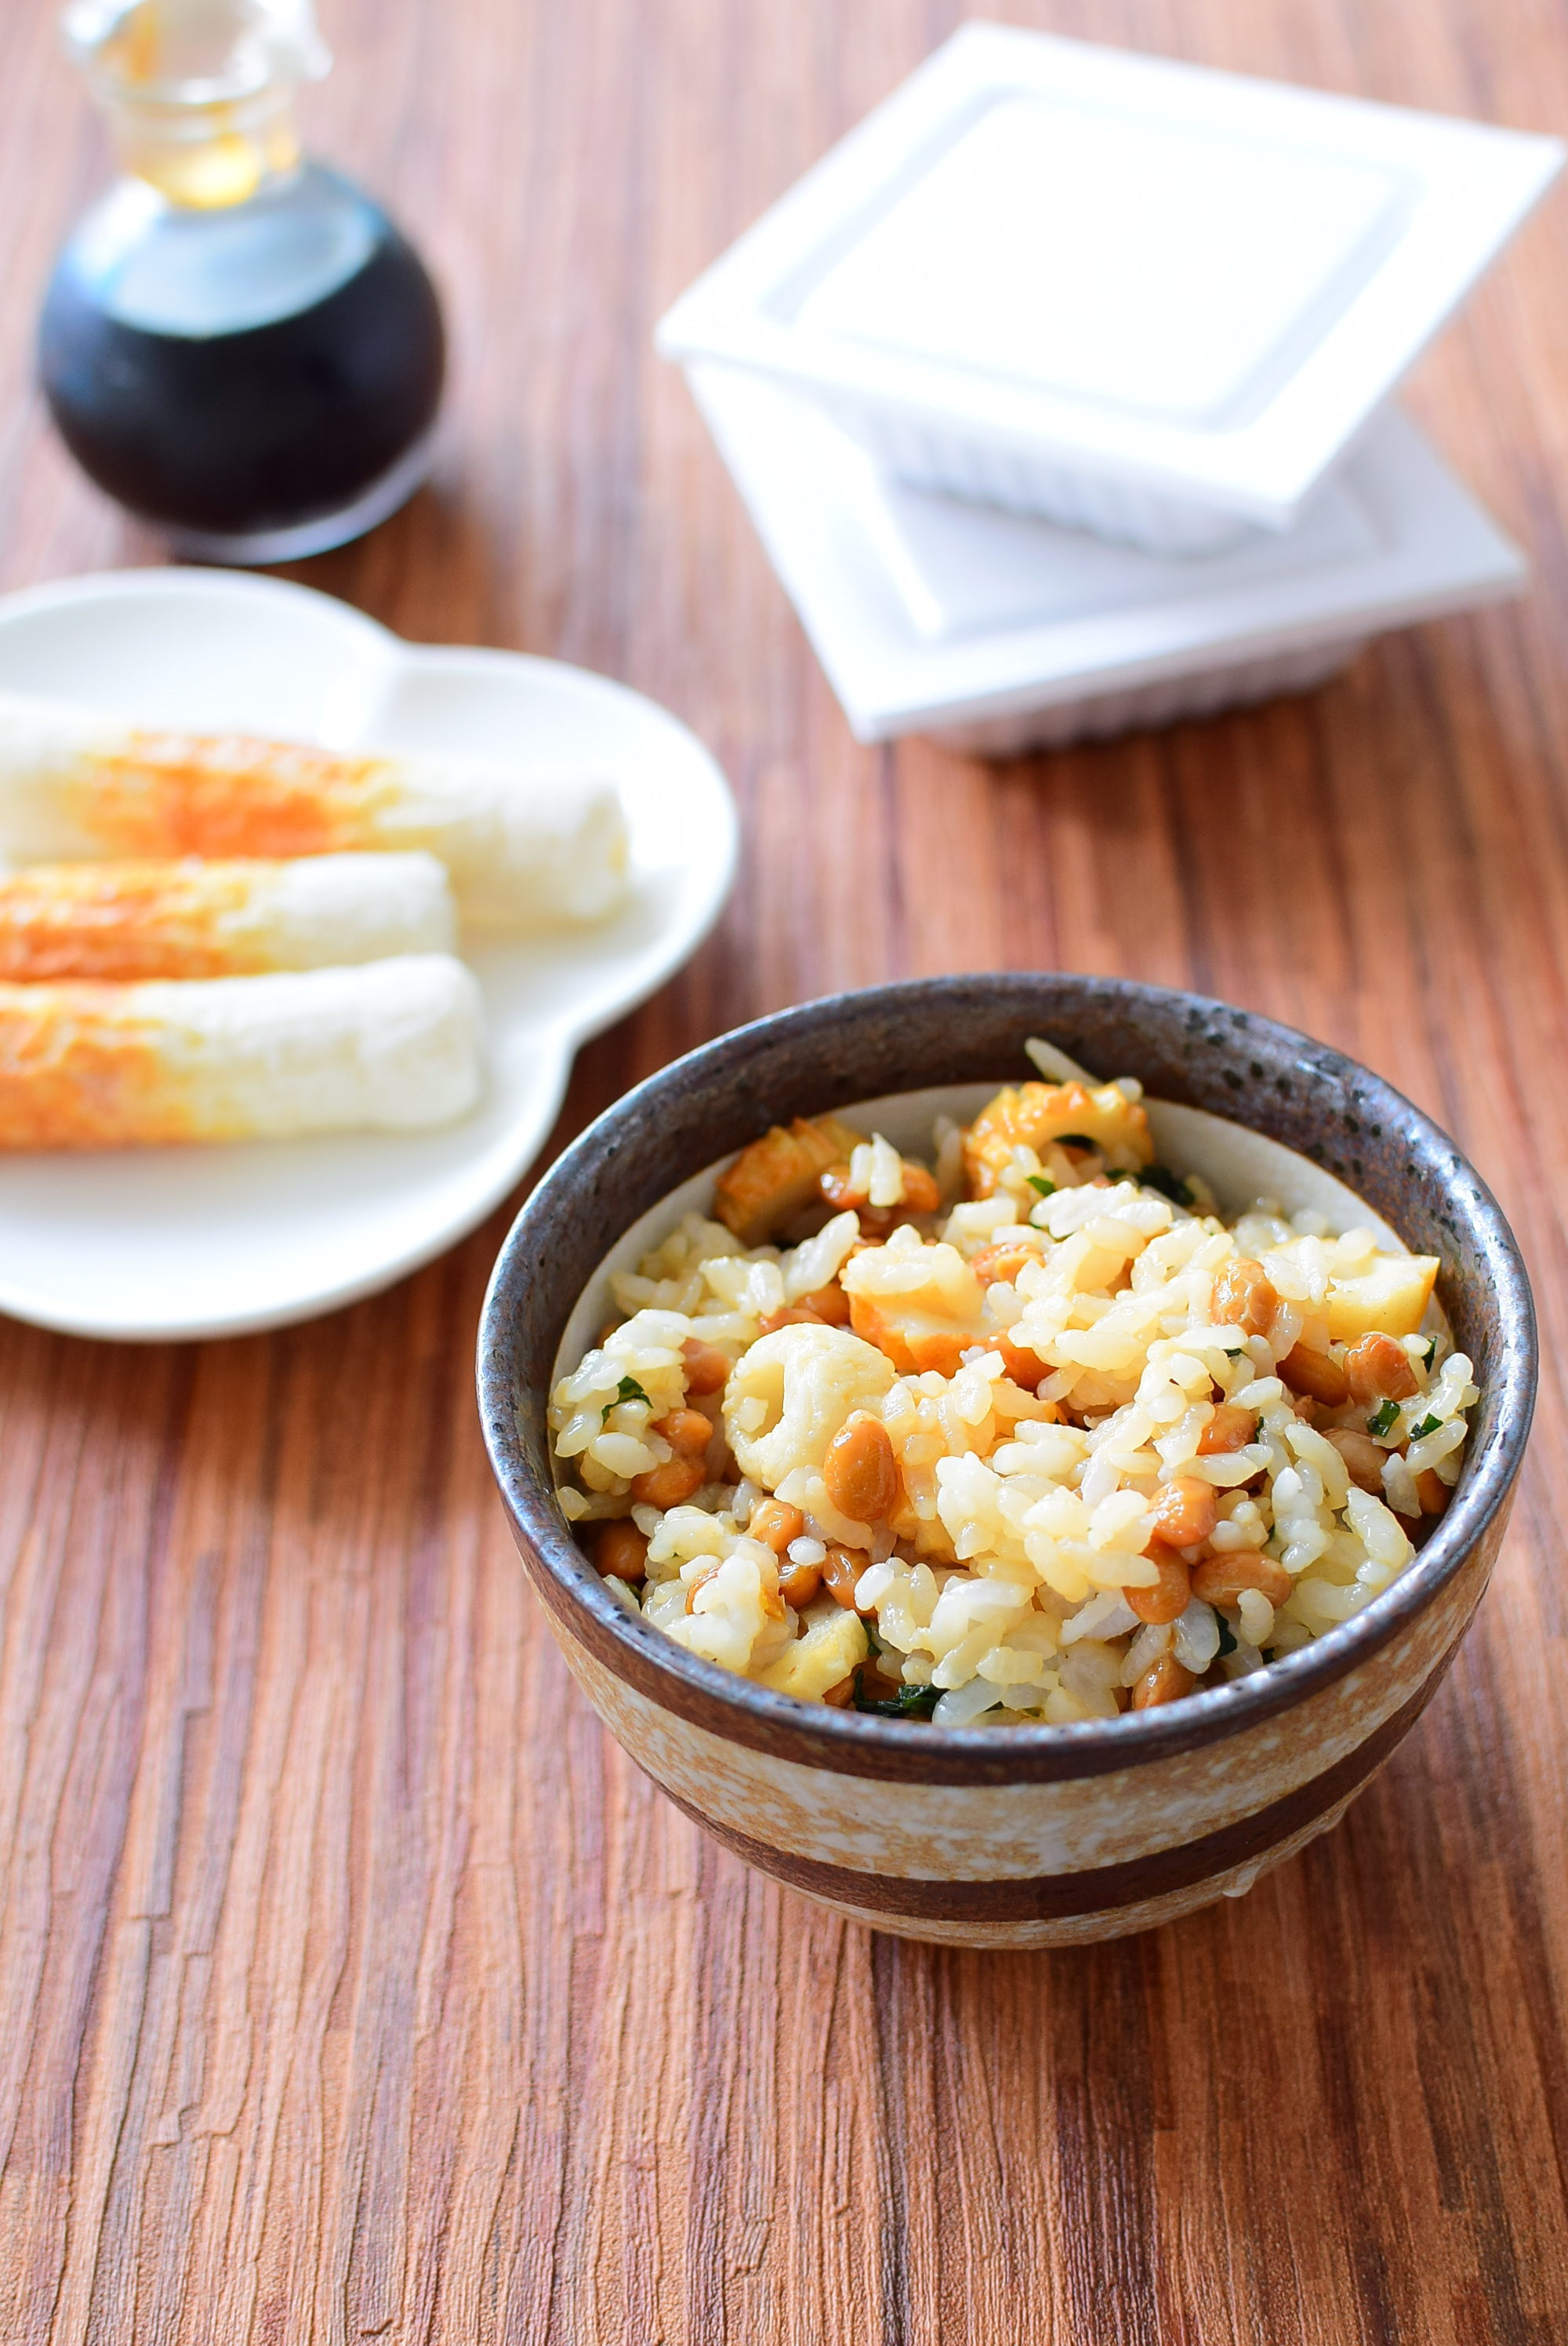 手軽に作れる!大葉と納豆の混ぜご飯のレシピ